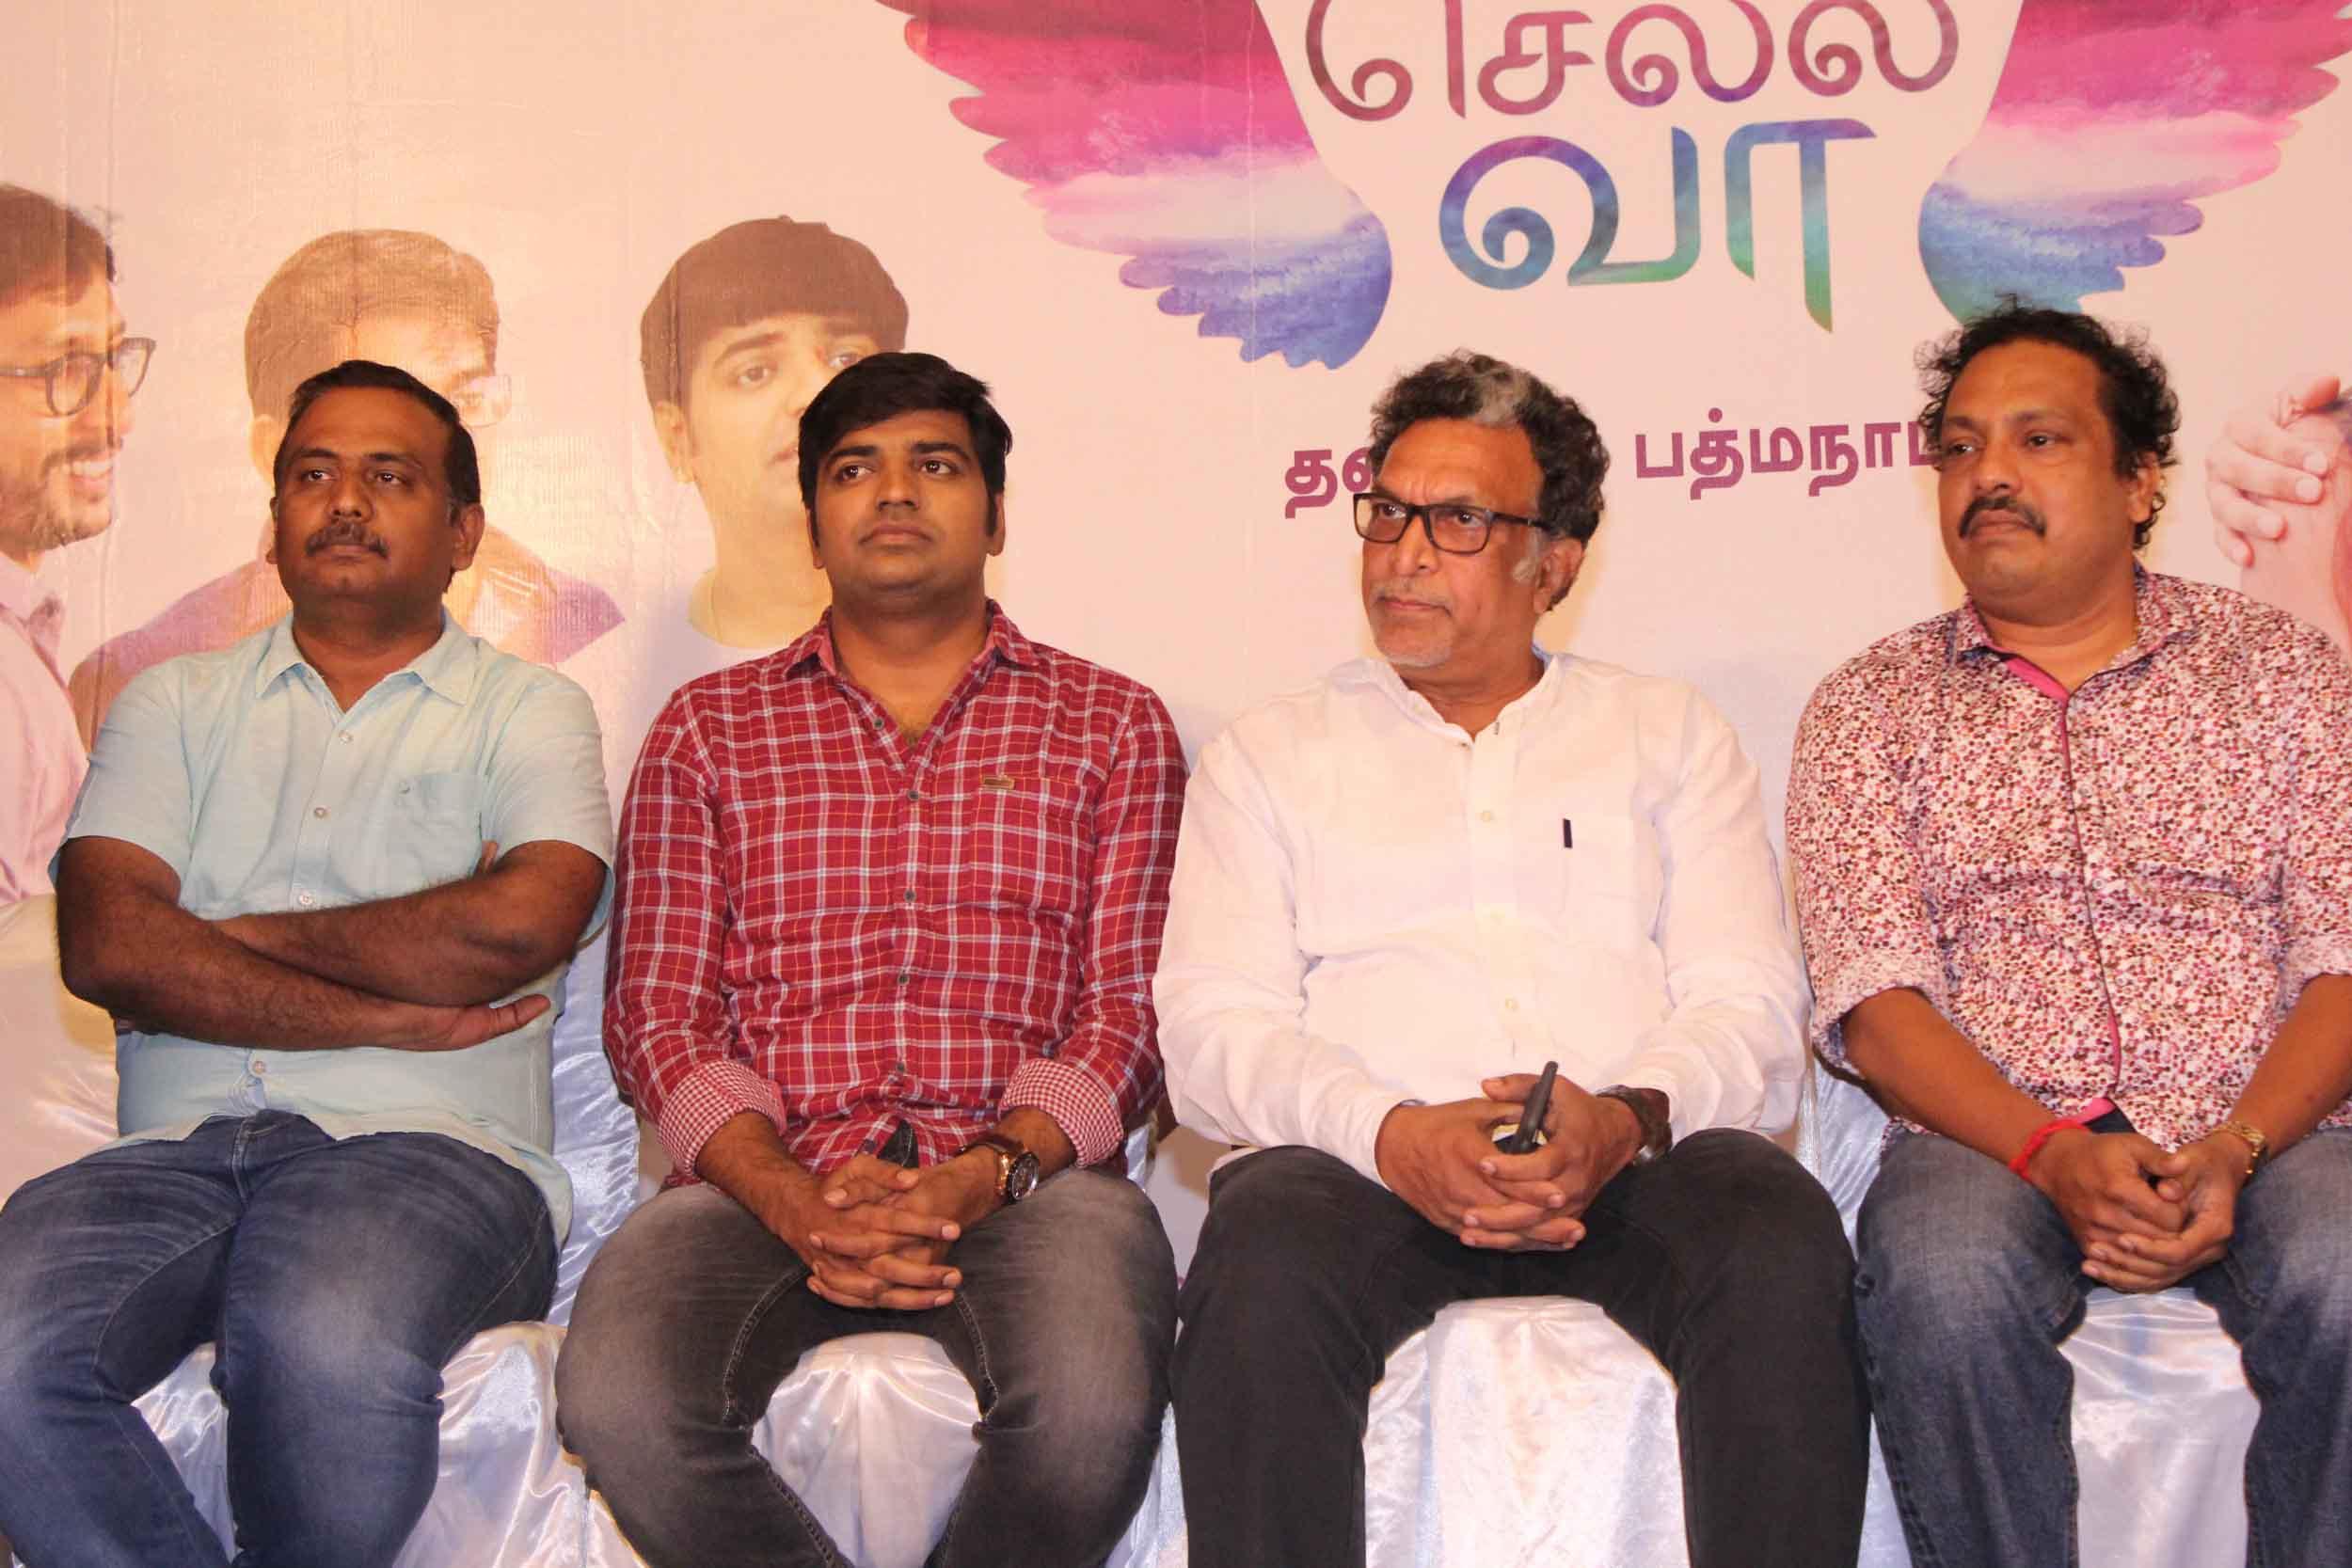 Parandhu sella vaa movie launch photos